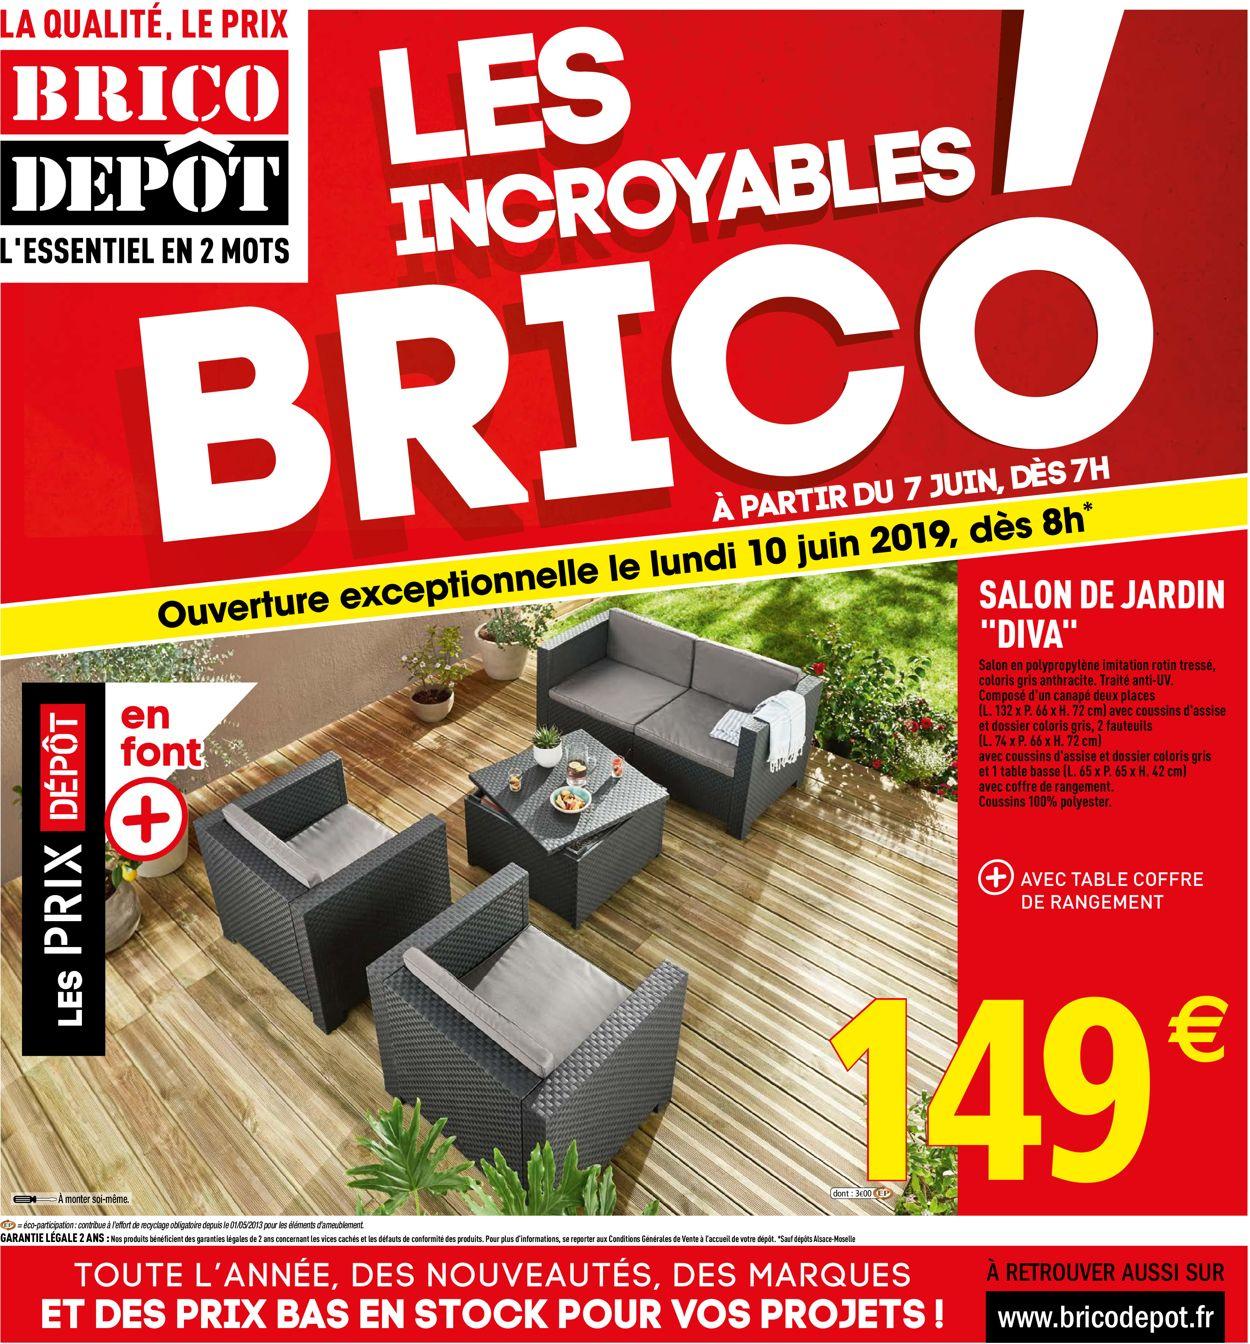 Brico Dépôt Catalogue Actuel 07.06 - 30.06.2019 - Catalogue ... tout Salon De Jardin Brico Dépôt